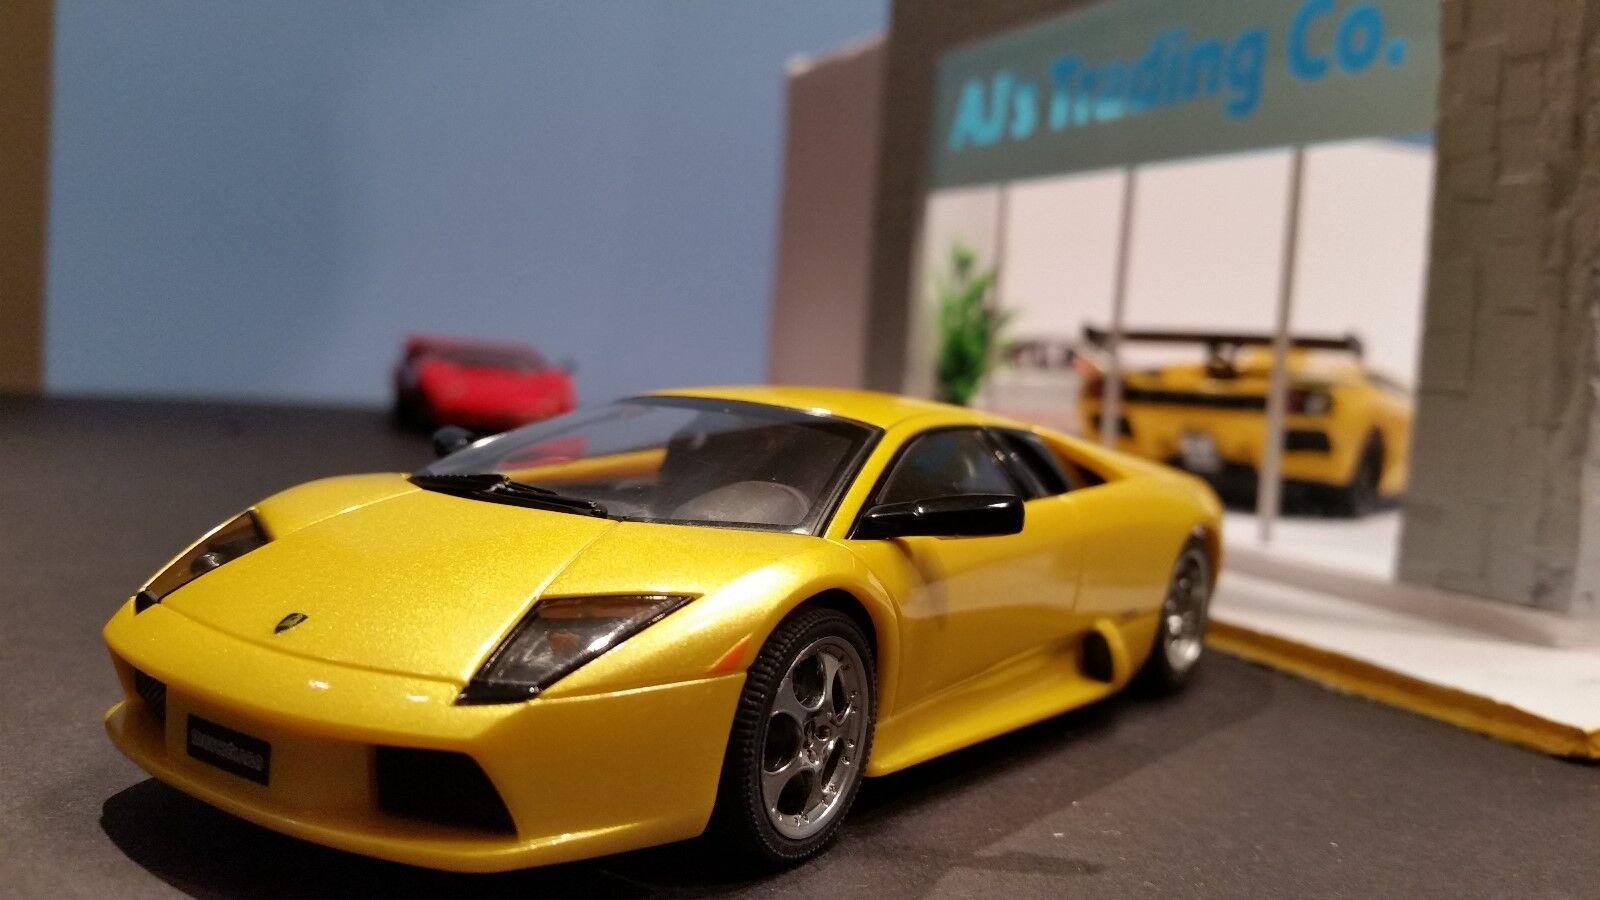 Auto tigre 1  32 Lamborghini murcielago luz amarilla nueva caja